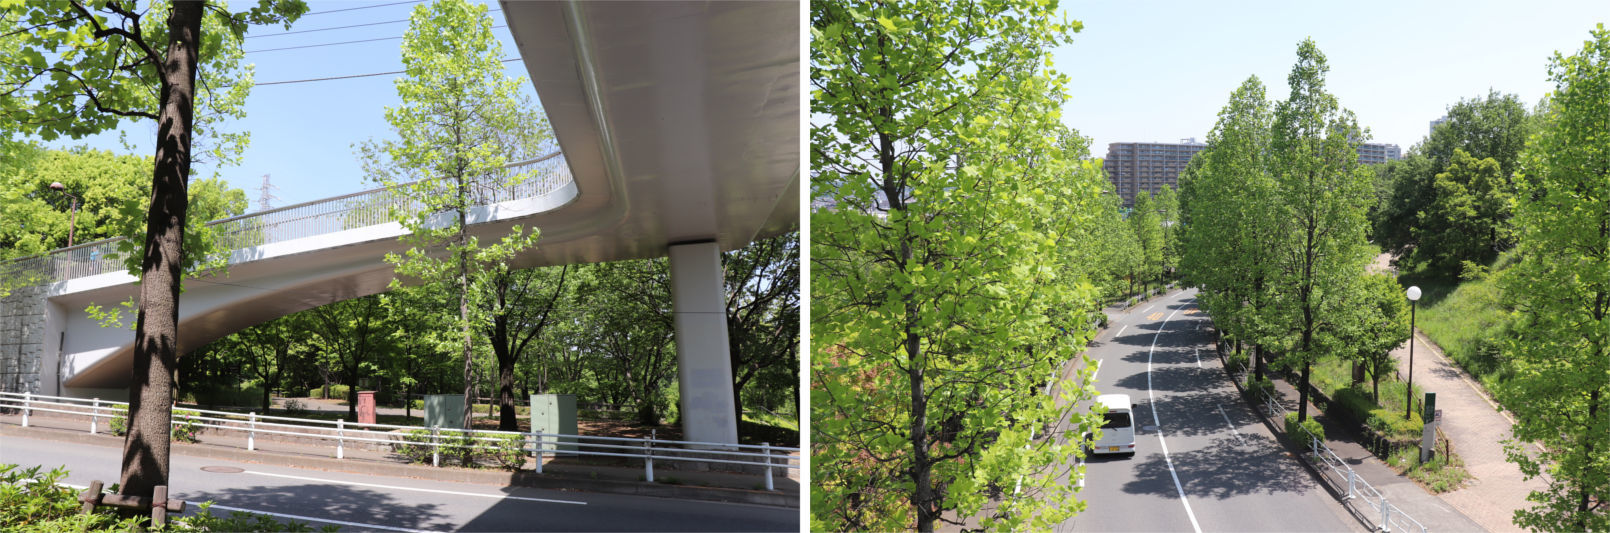 [多摩NTの橋ぜんぶ撮影PJ] No.36~40 上柚木公園周辺の橋_a0332275_00424195.jpg